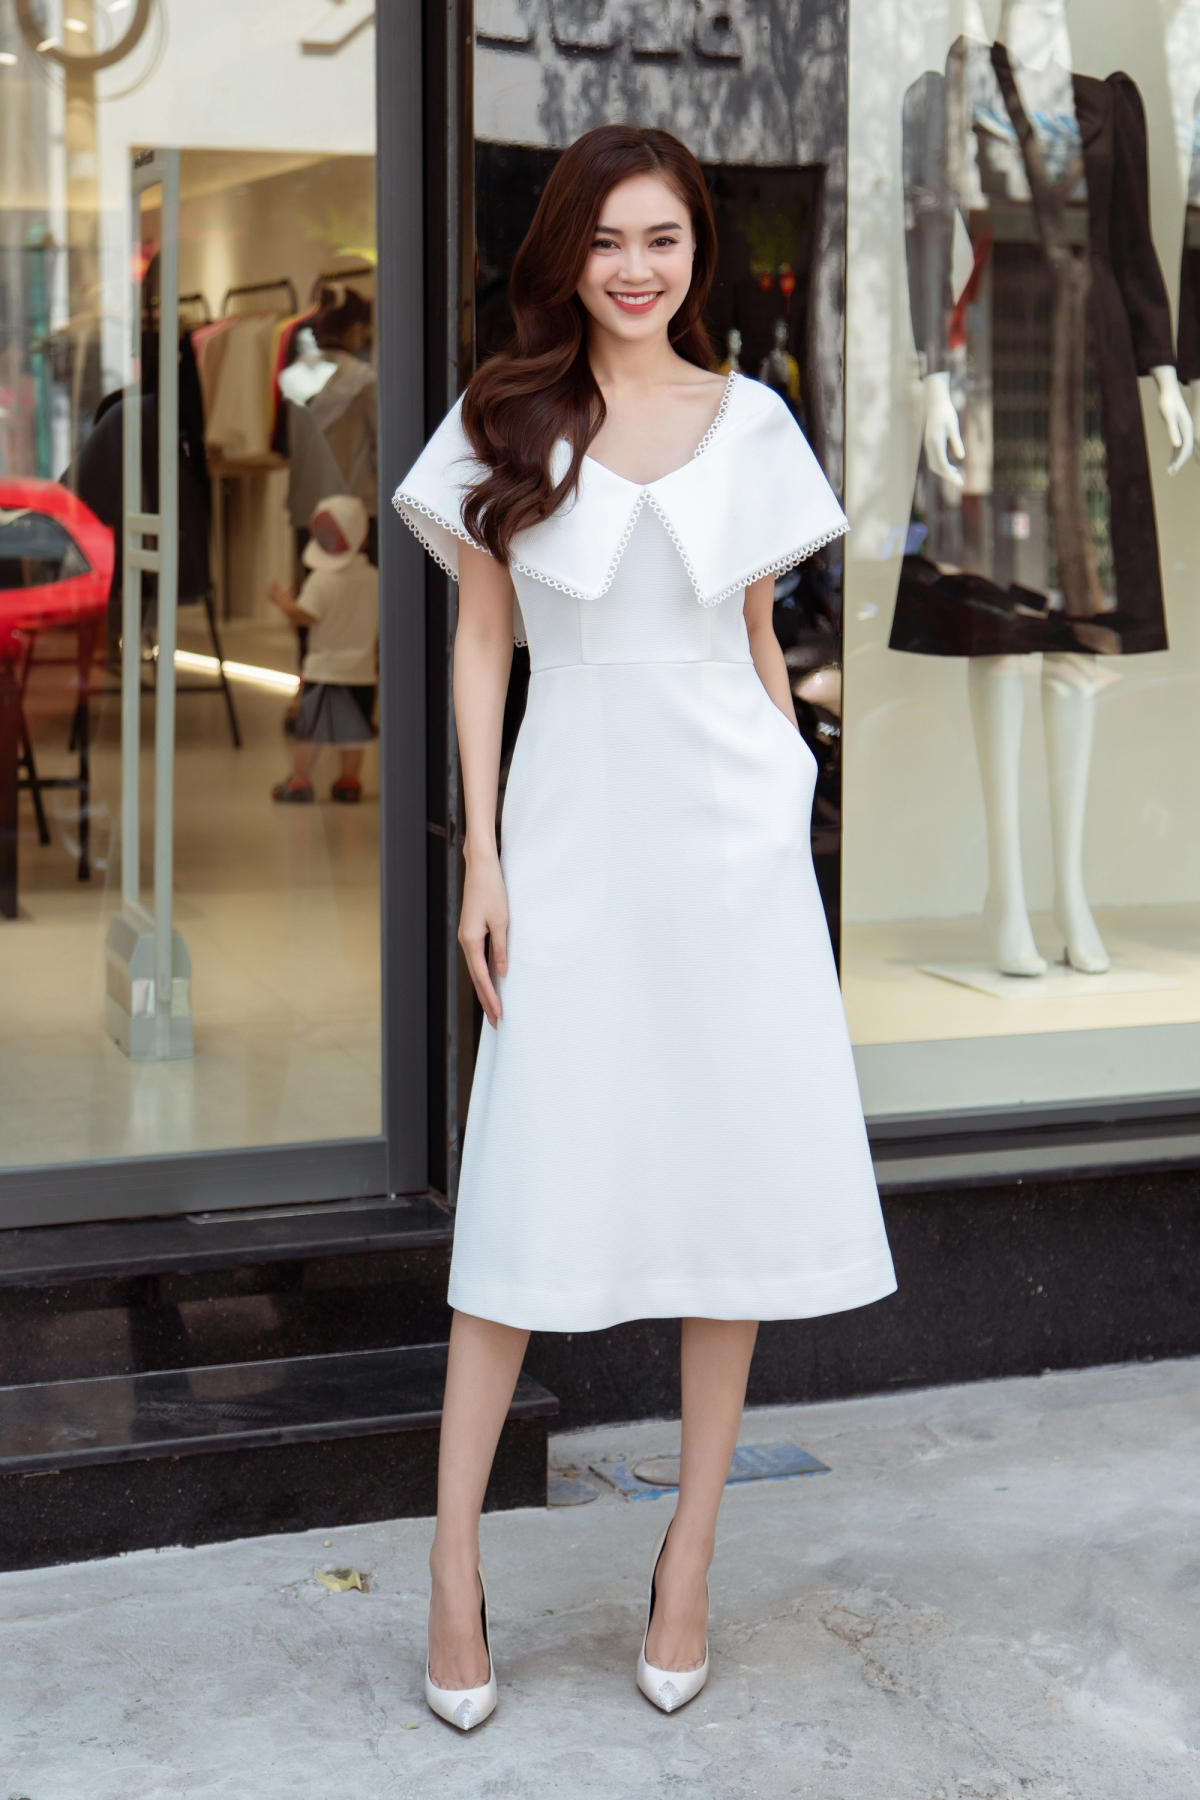 Diễn viên Ninh Dương Lan Ngọc trẻ trung khi diện chiếc đầm màu trắng với phần cổ xoè to bản.